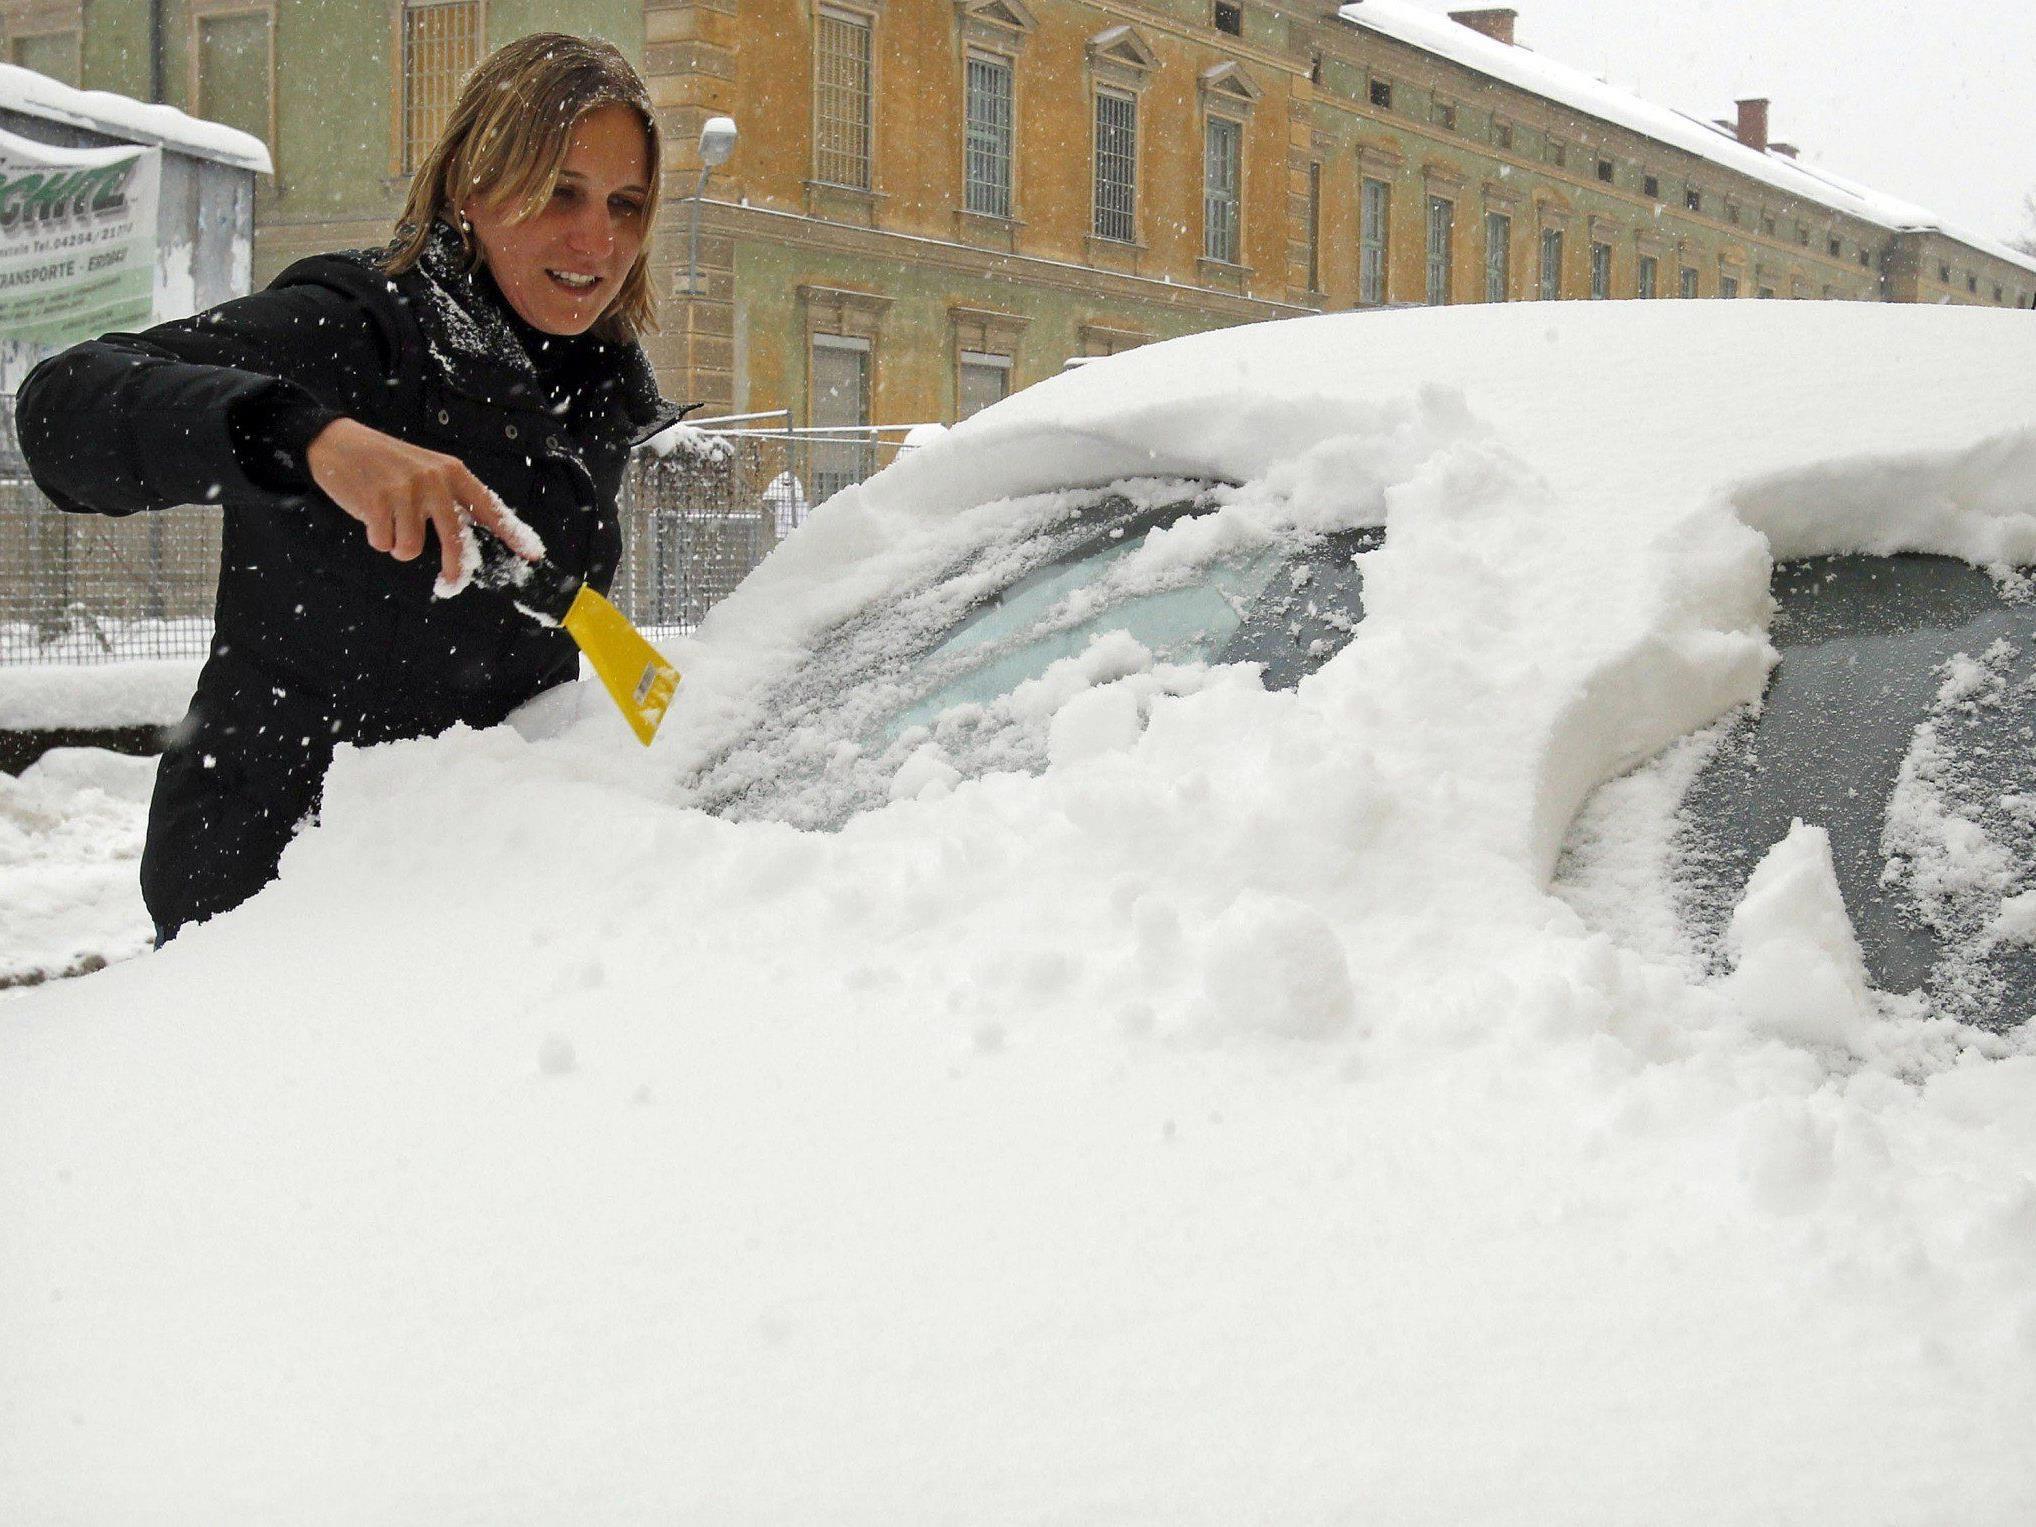 Nicht nur außen, auch innen kann sich bei frostigen Temperaturen schnell Eis bilden.